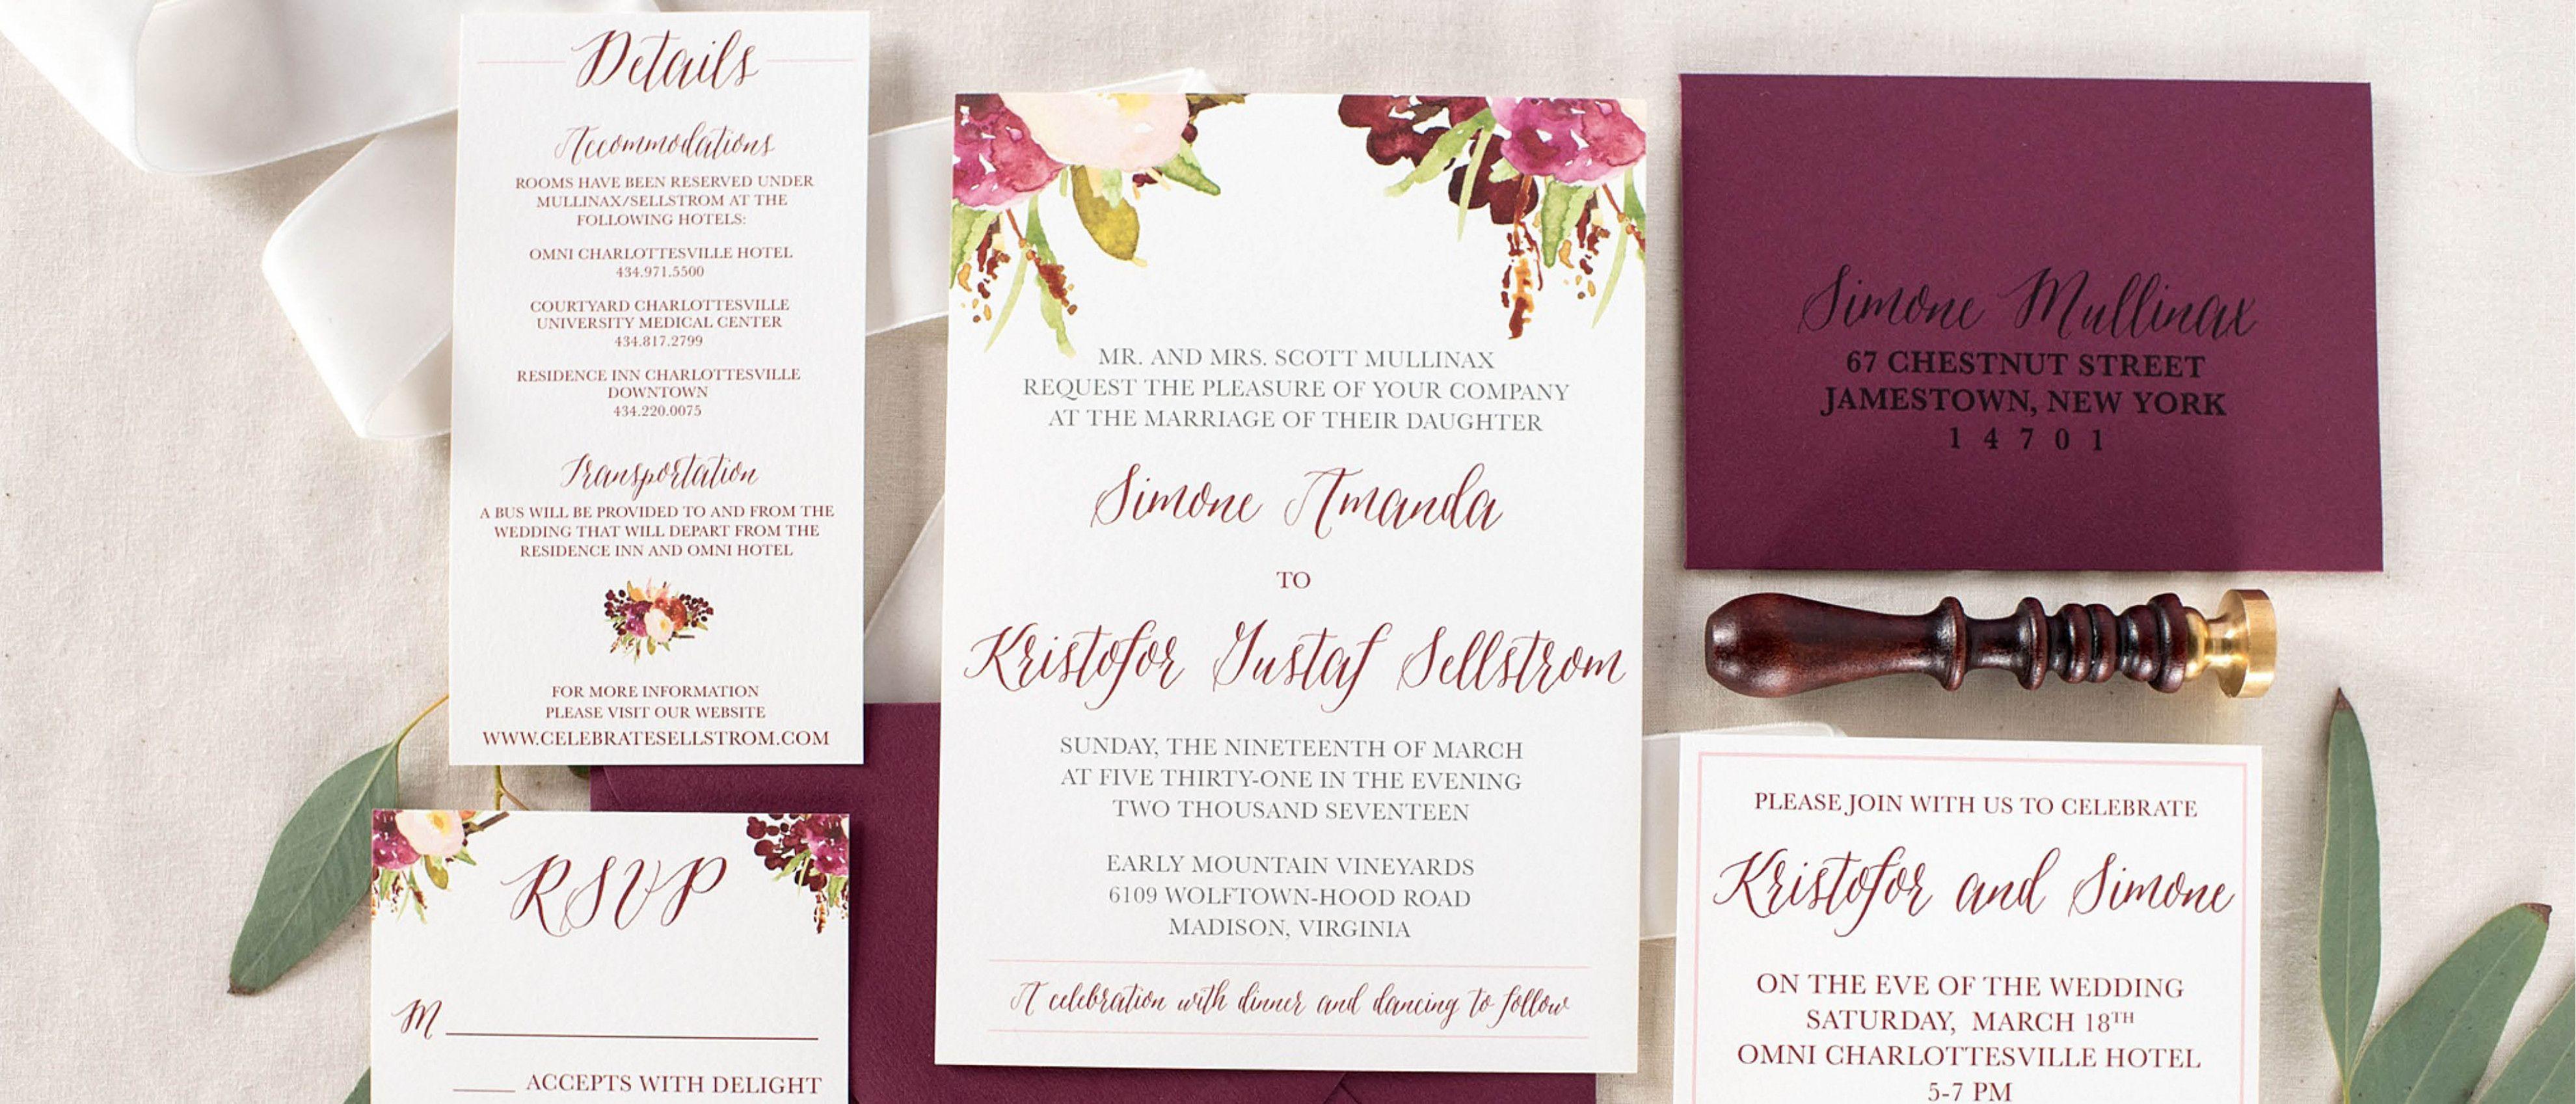 marriage card sample in urdu